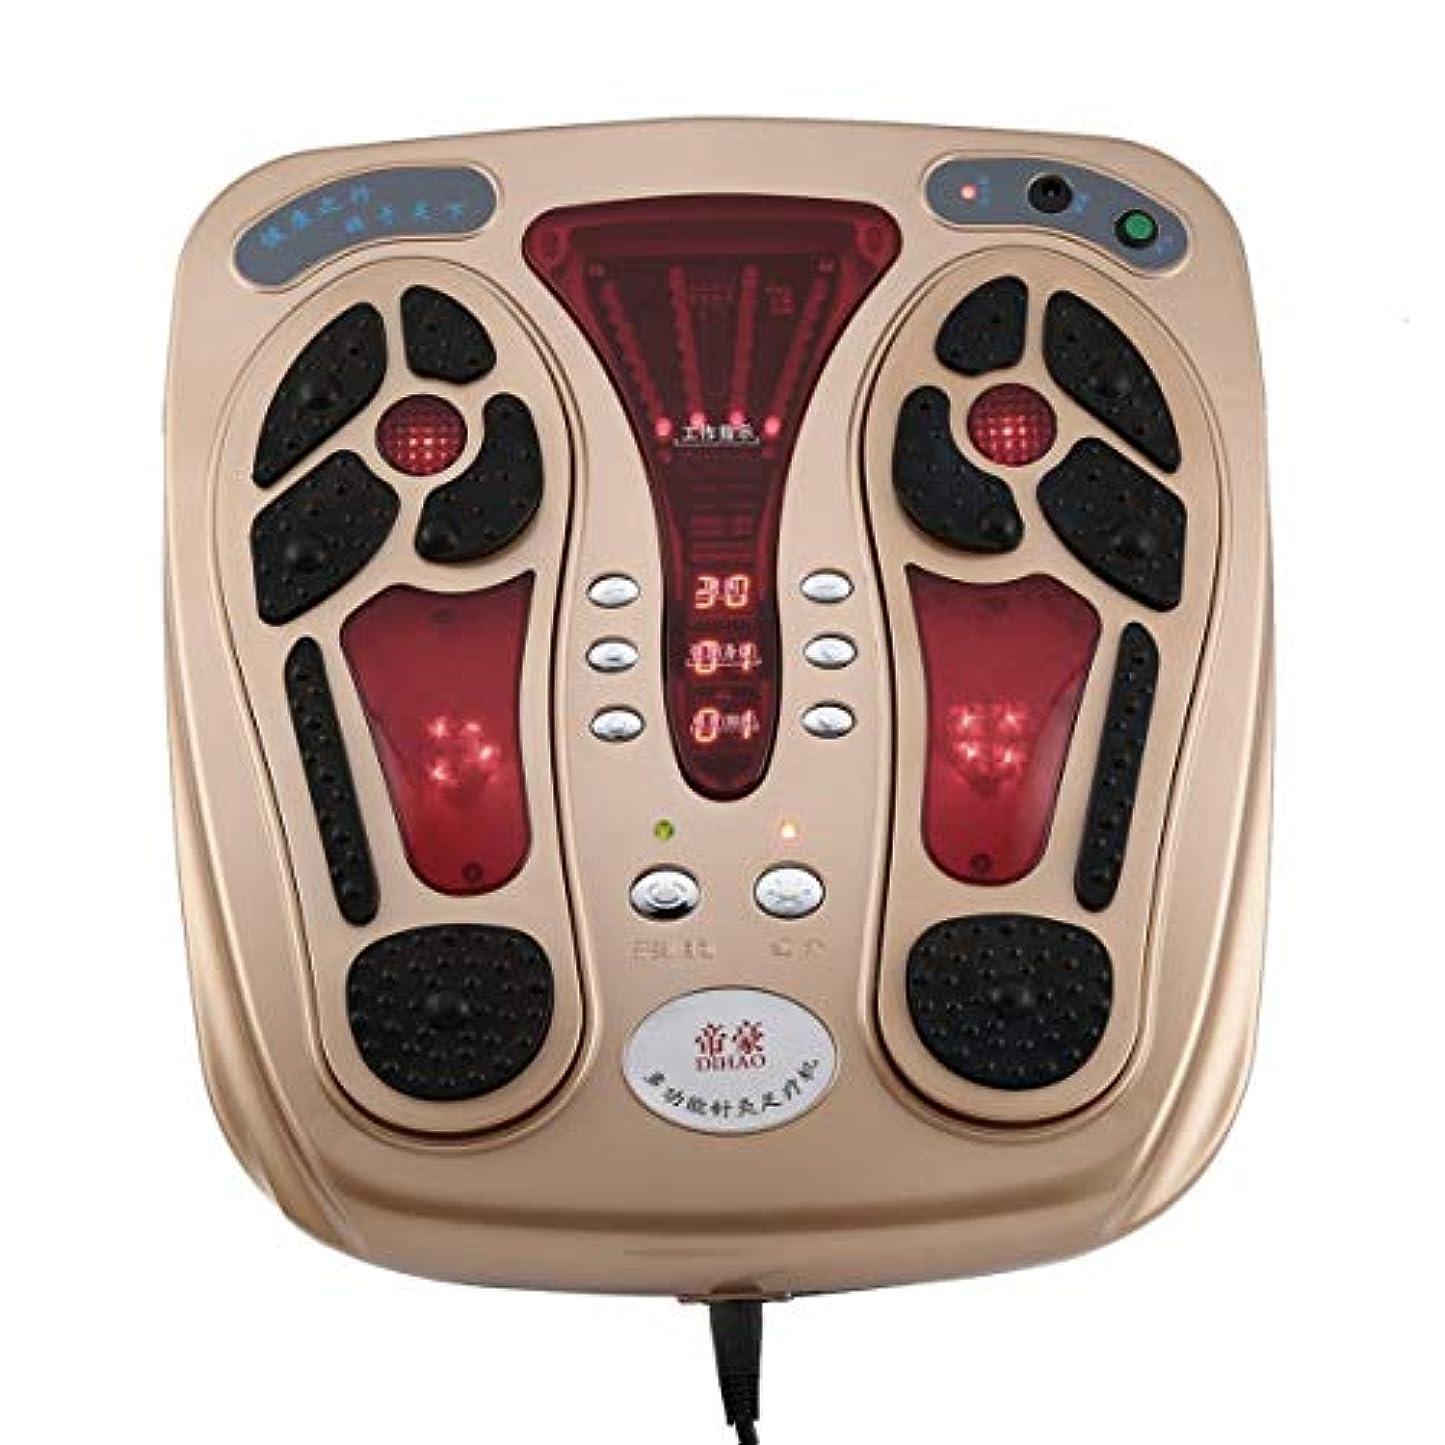 ポータブル怠惰乞食Multifunctional Body Health Care Foot Massaging Device Electromagnetic Infrared Wave Pulse Foot Massager Circulation...